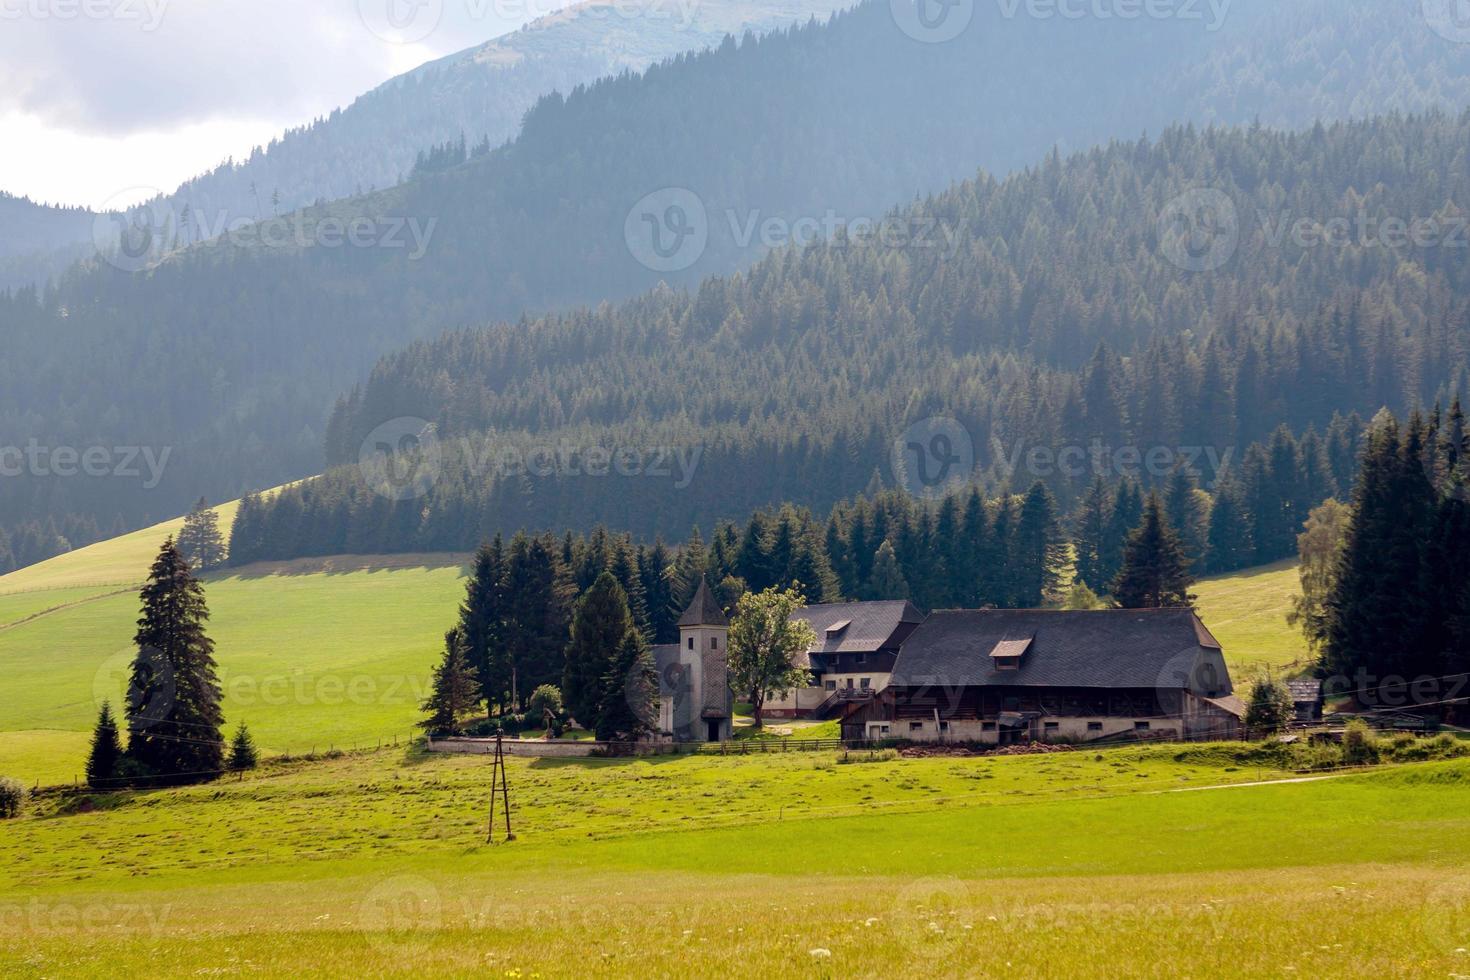 un pequeño pueblo típico austriaco al pie de las montañas alpinas. foto